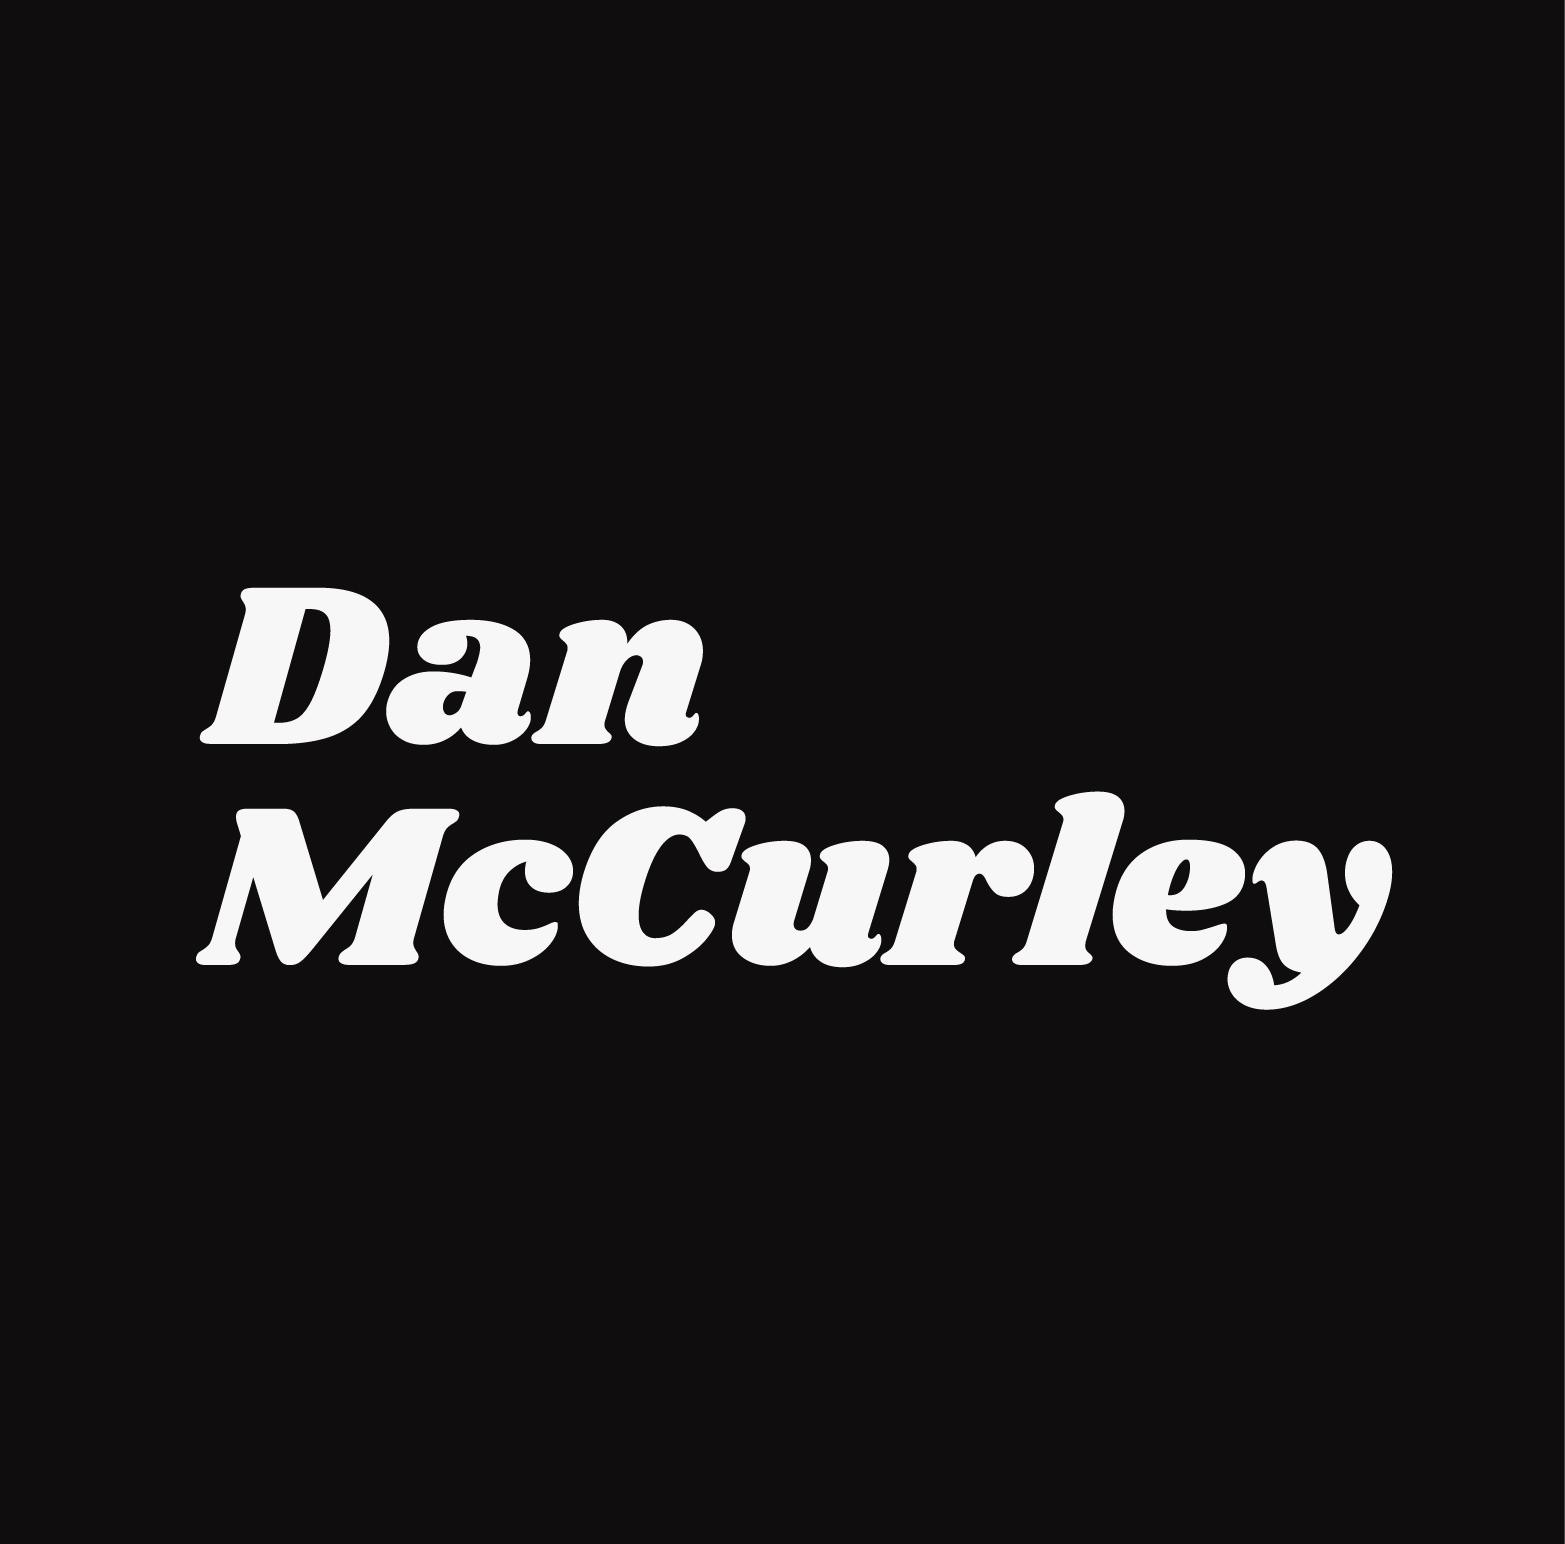 dan_mccurley_logo.png